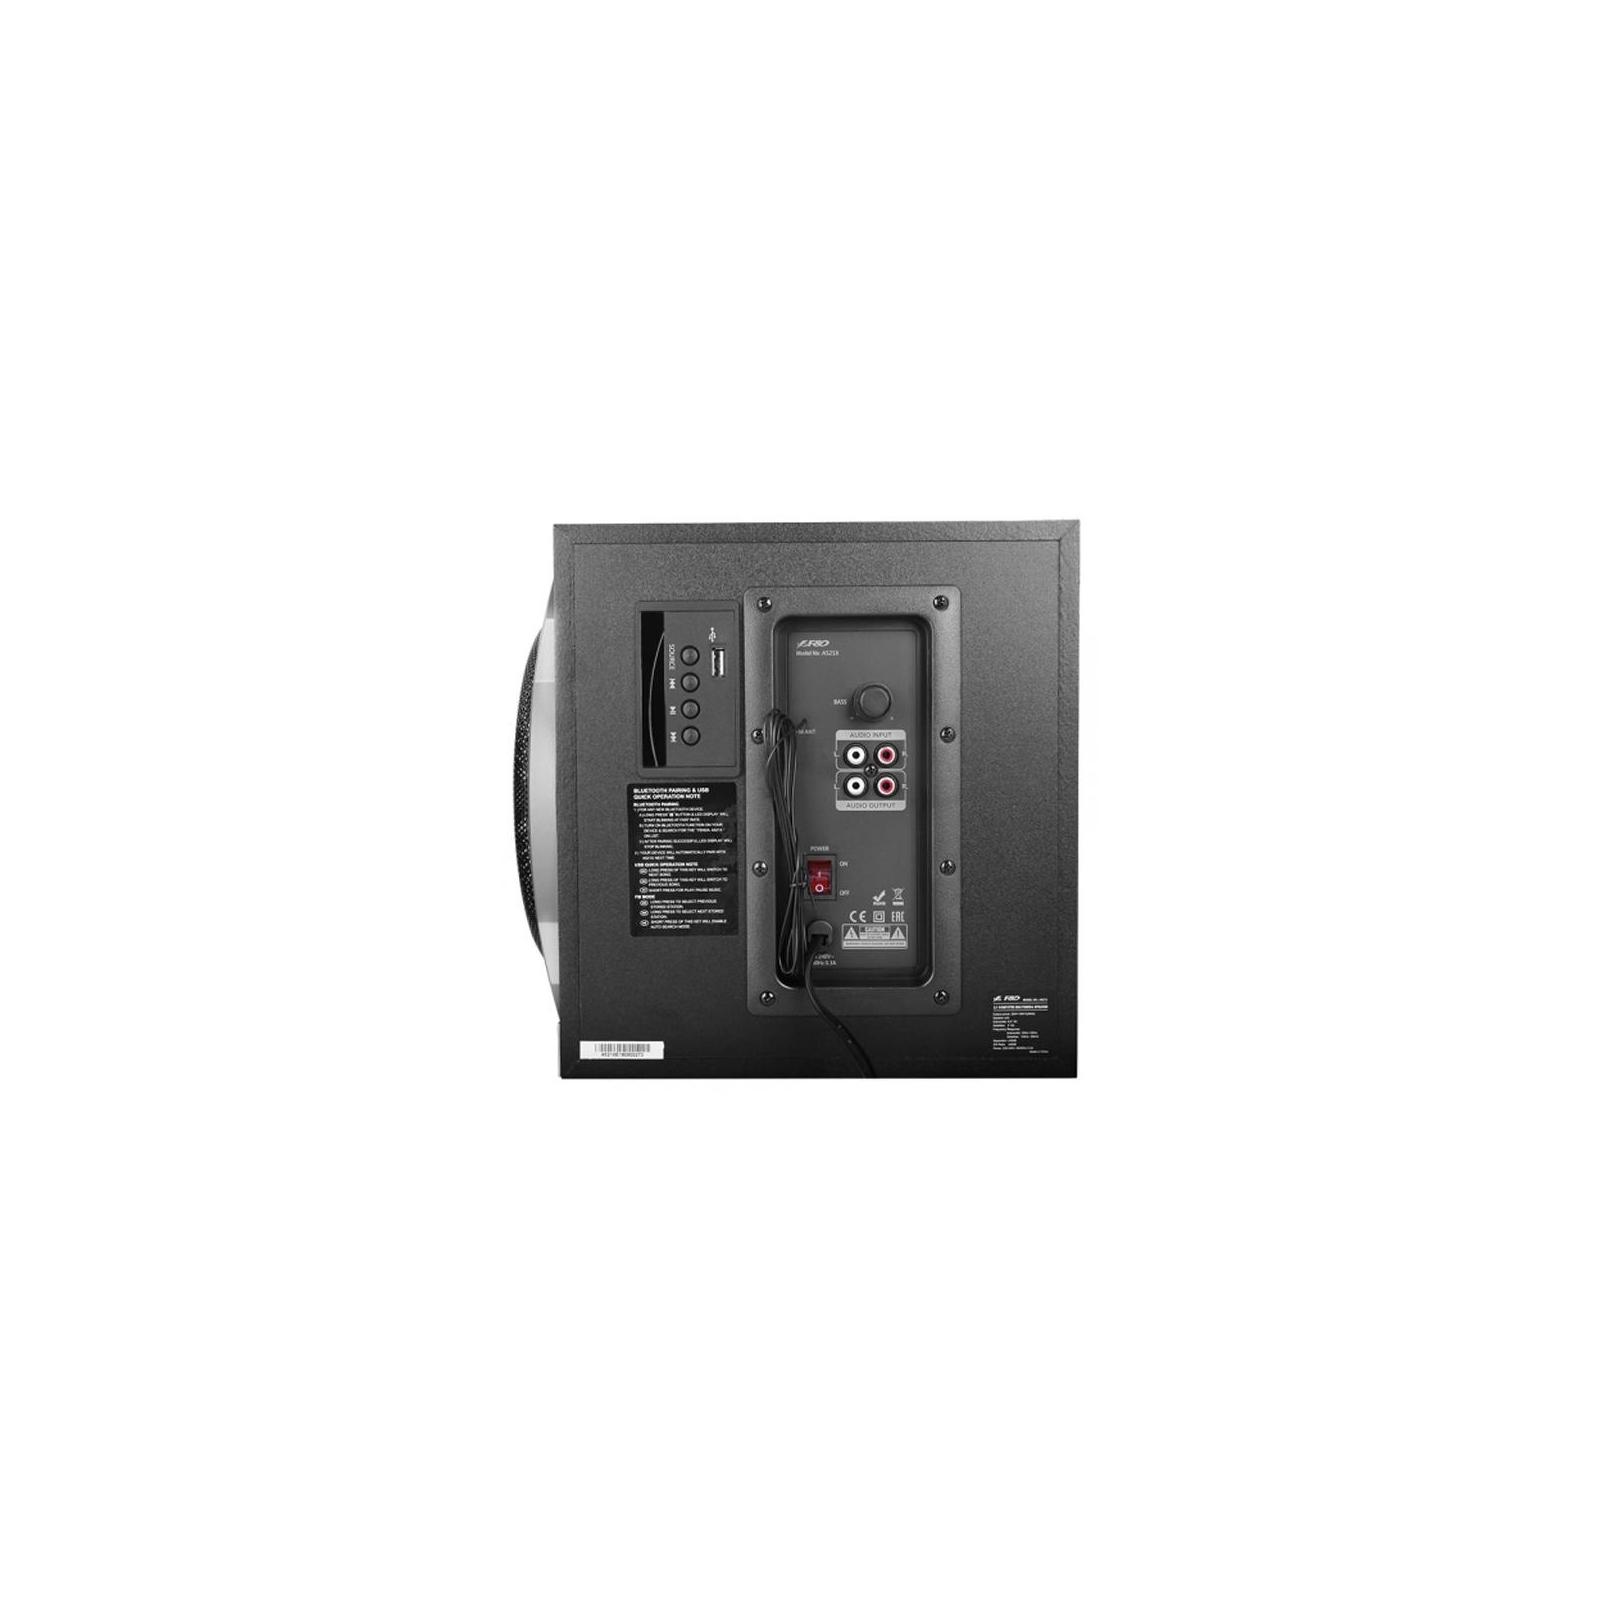 Акустическая система F&D A-521X black изображение 2